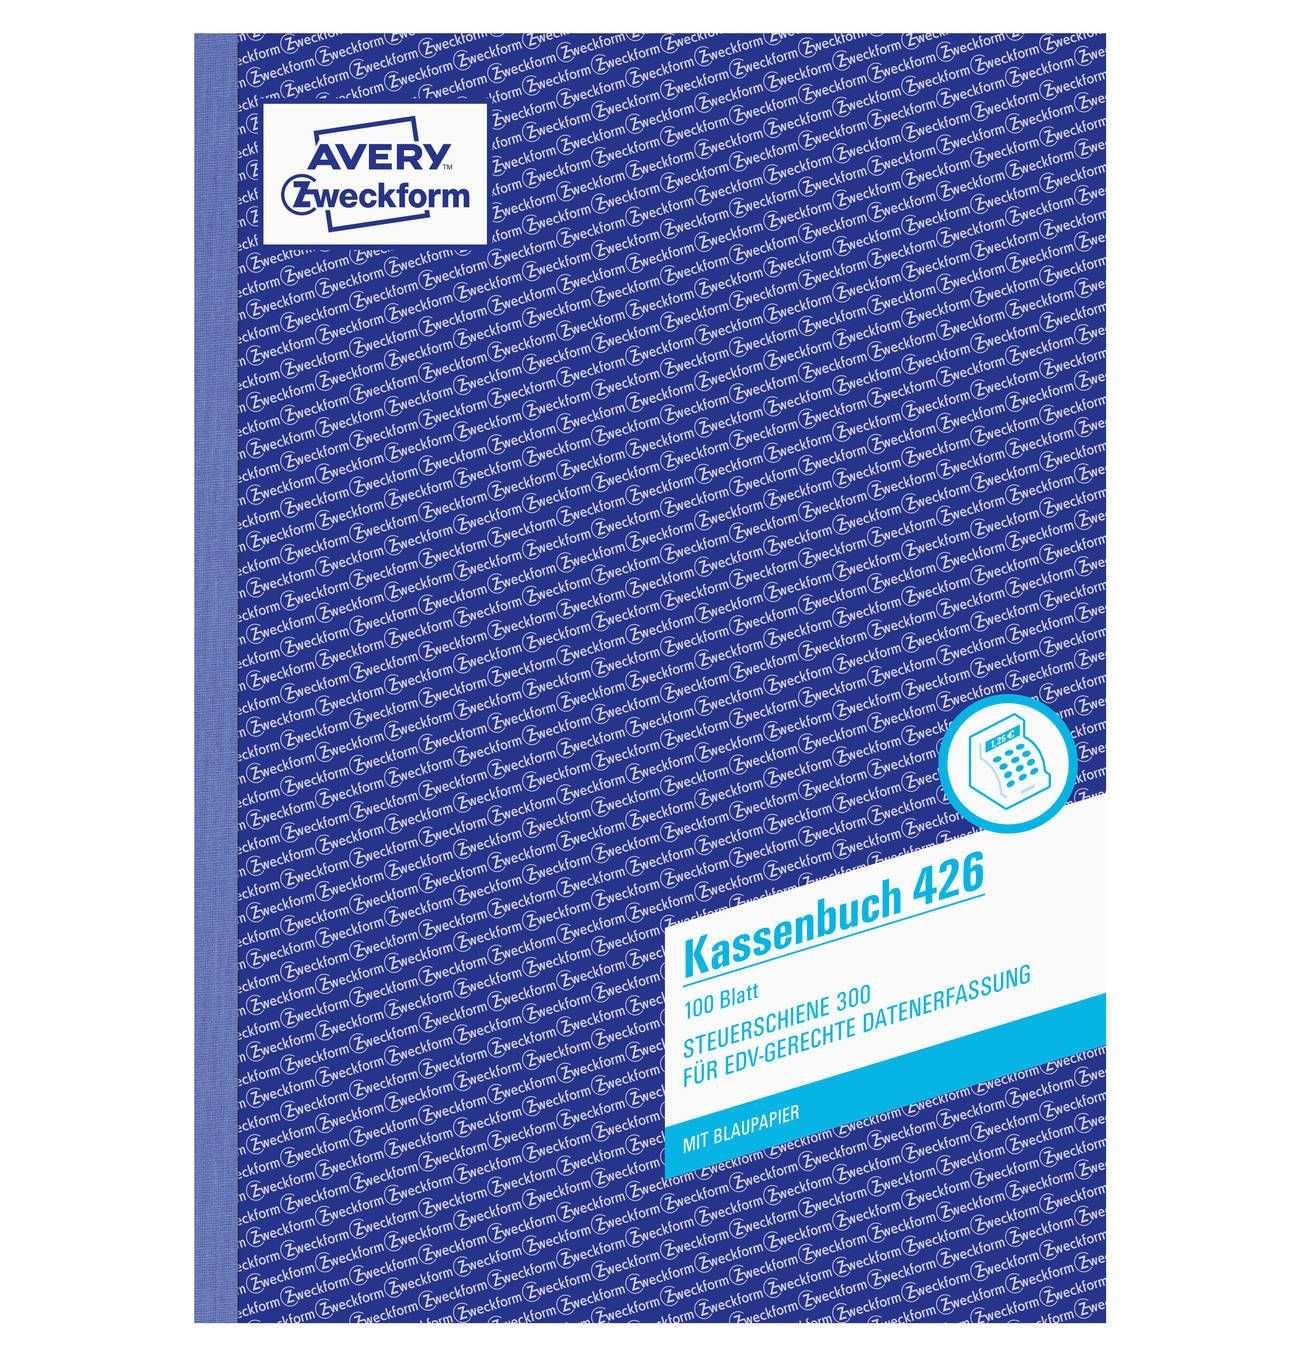 Kassenbuch A4 Edv Gerecht Mit Blaupapier 100 Blatt